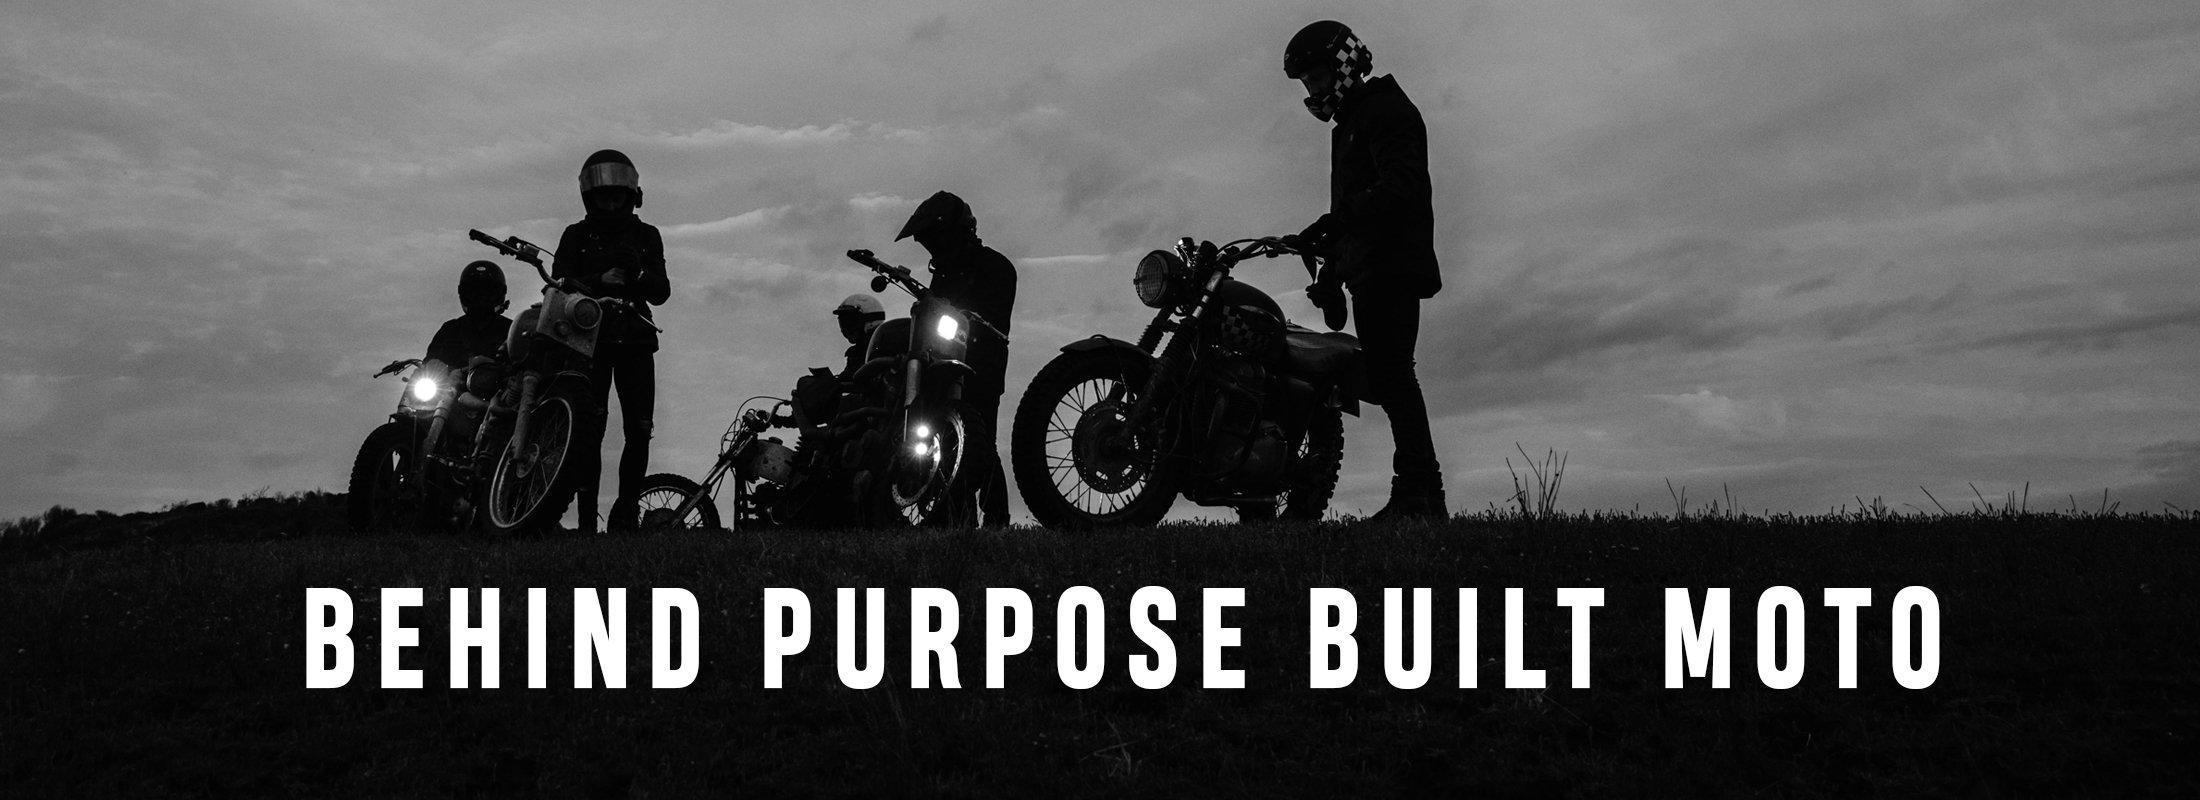 Purpose Built Moto Team